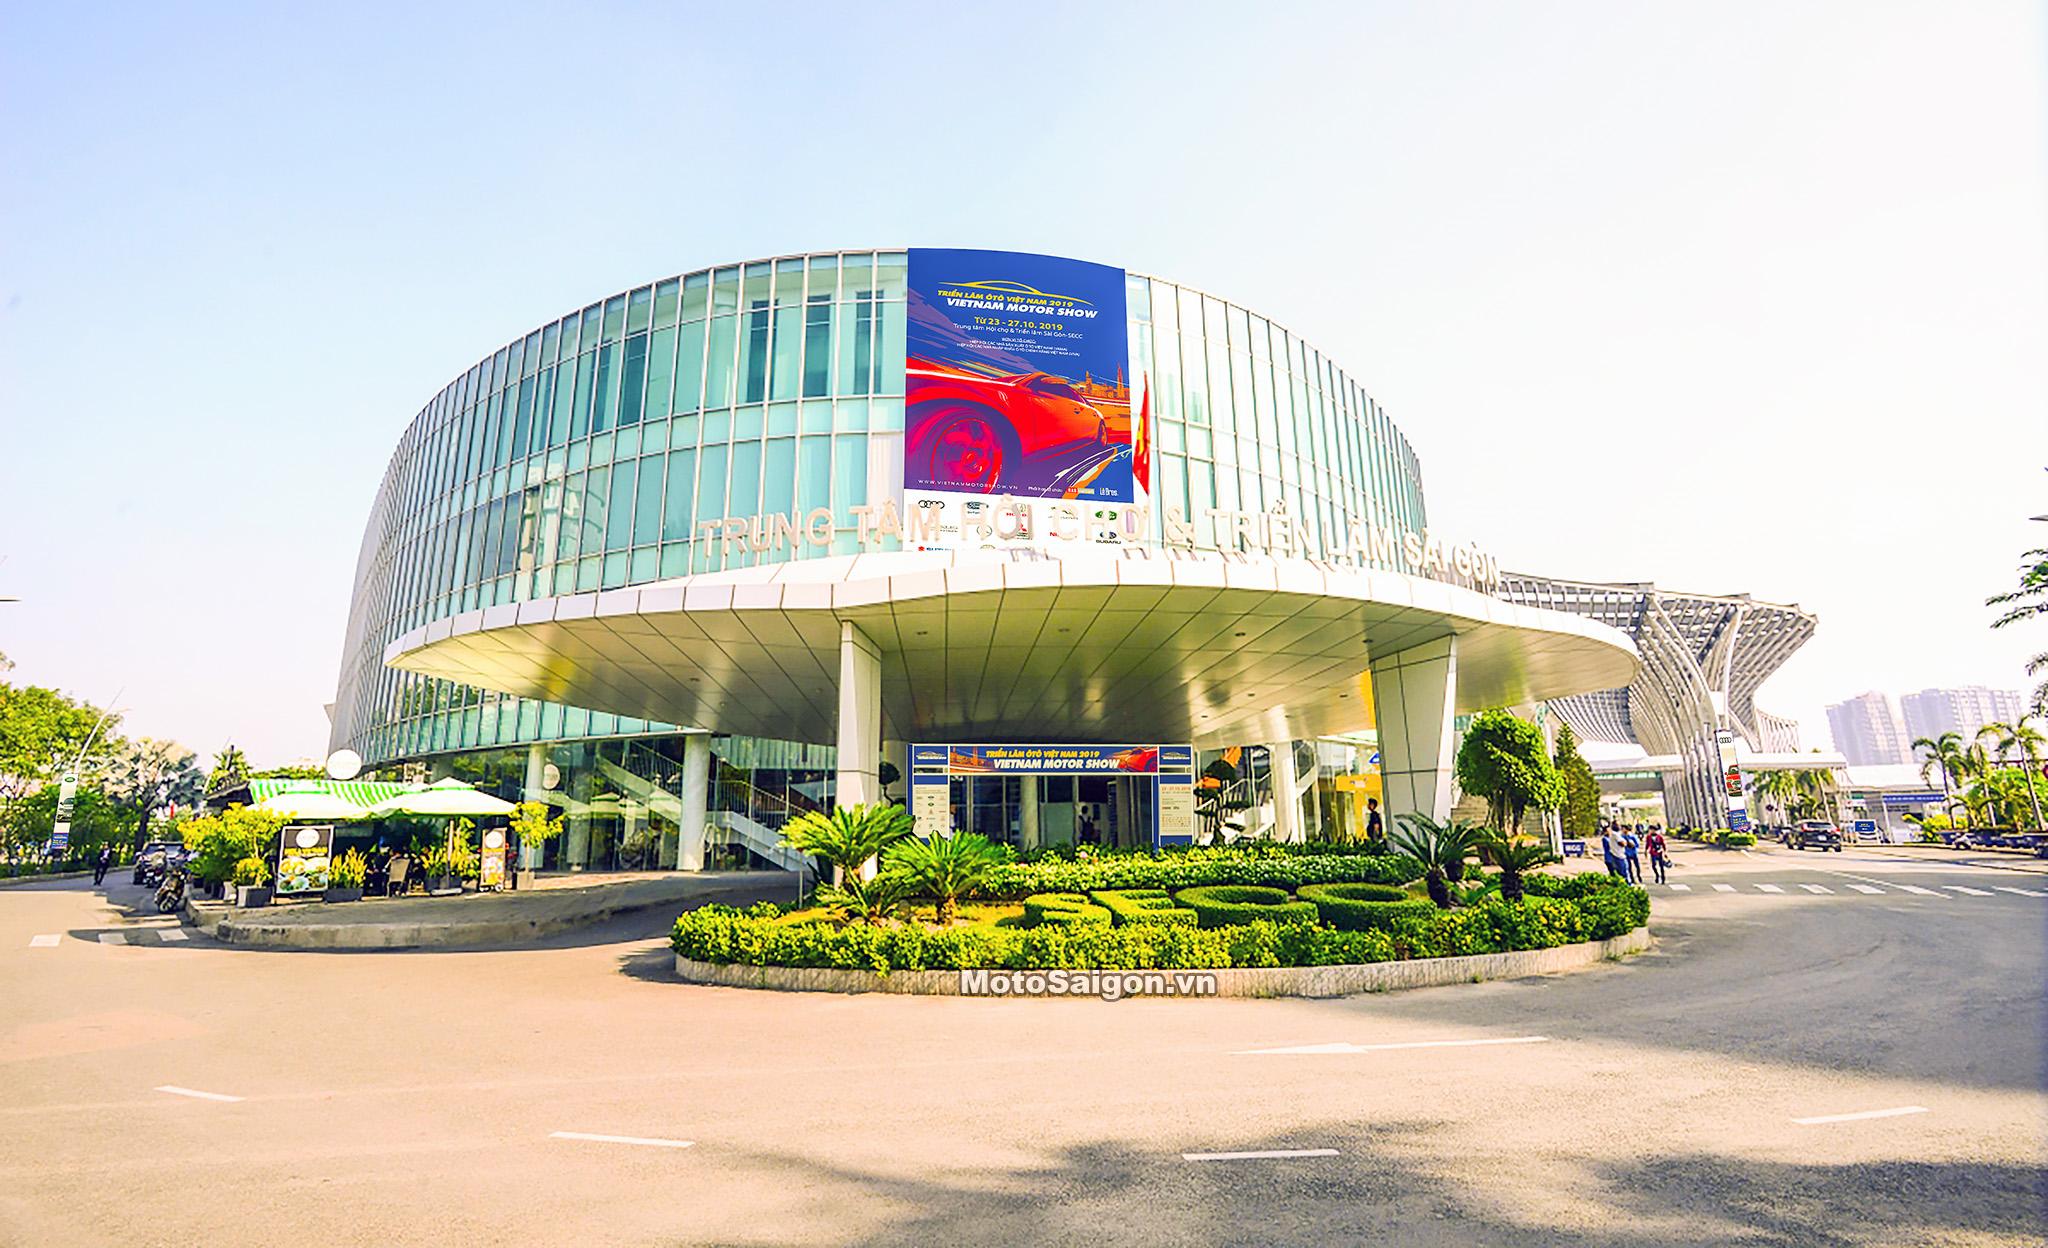 Địa điểm diễn ra triển lãm VMS 2019: Trung tâm Hội chợ và Triển lãm Sài Gòn - SECC Q7. Địa chỉ: 799 Nguyễn Văn Linh, Tân Phú, Quận 7, Hồ Chí Minh.